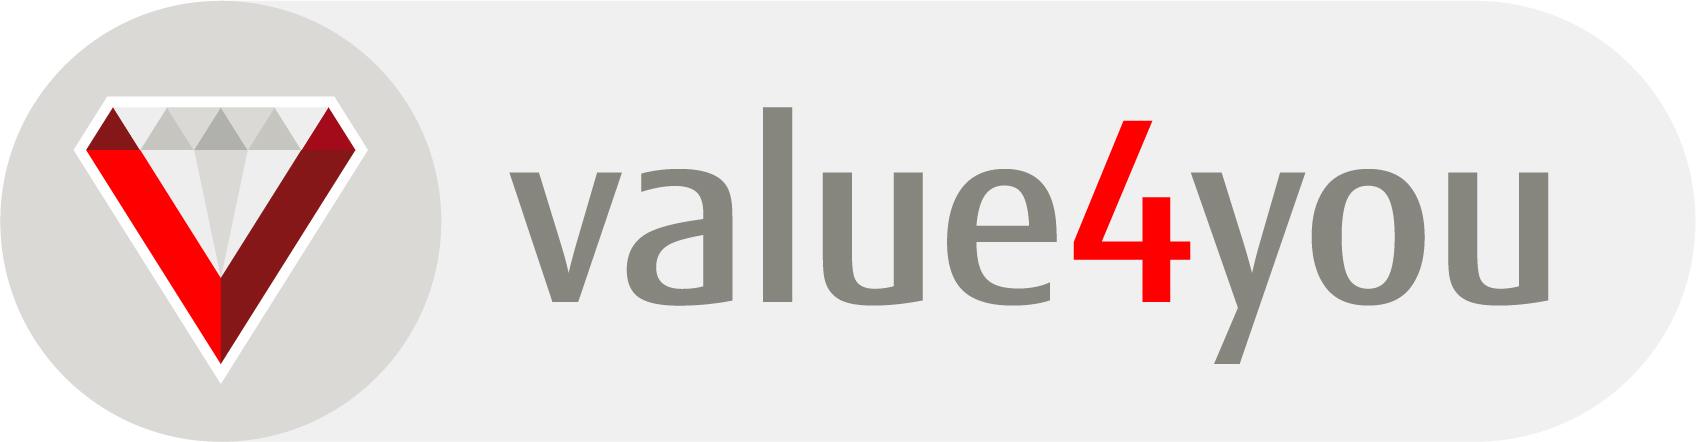 Fujitsu value4you